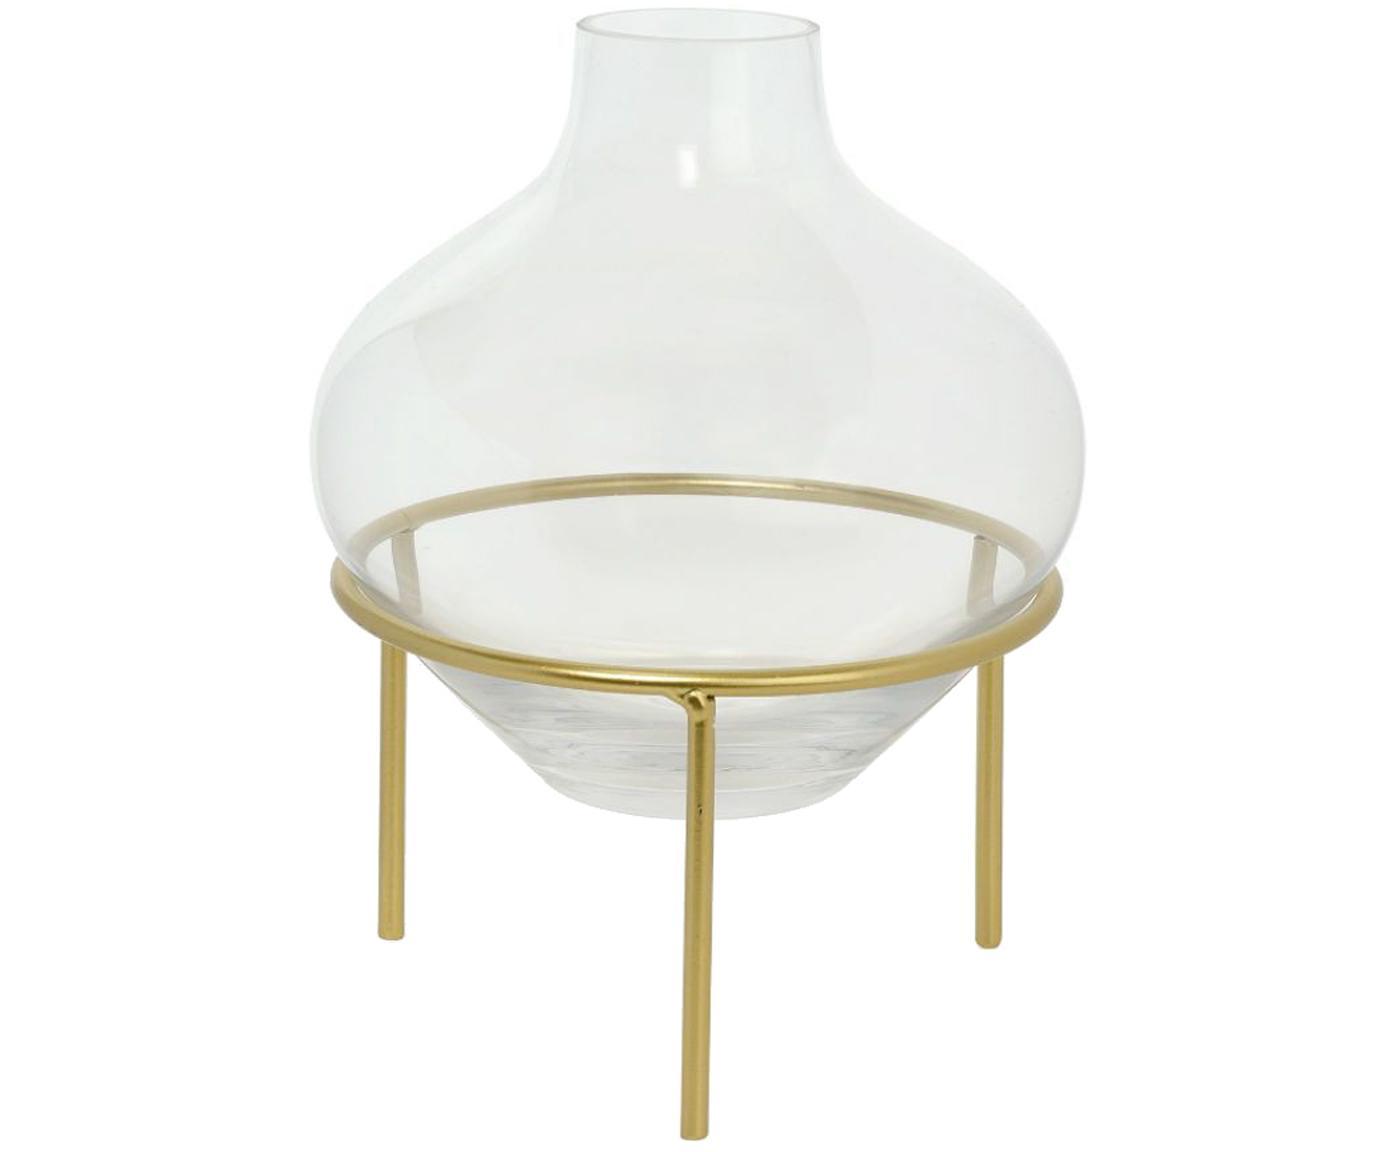 Jarrón pequeño con base Mikel, Jarrón: vidrio, Estructura: metal, pintado, Latón, Ø 21 x Al 26 cm